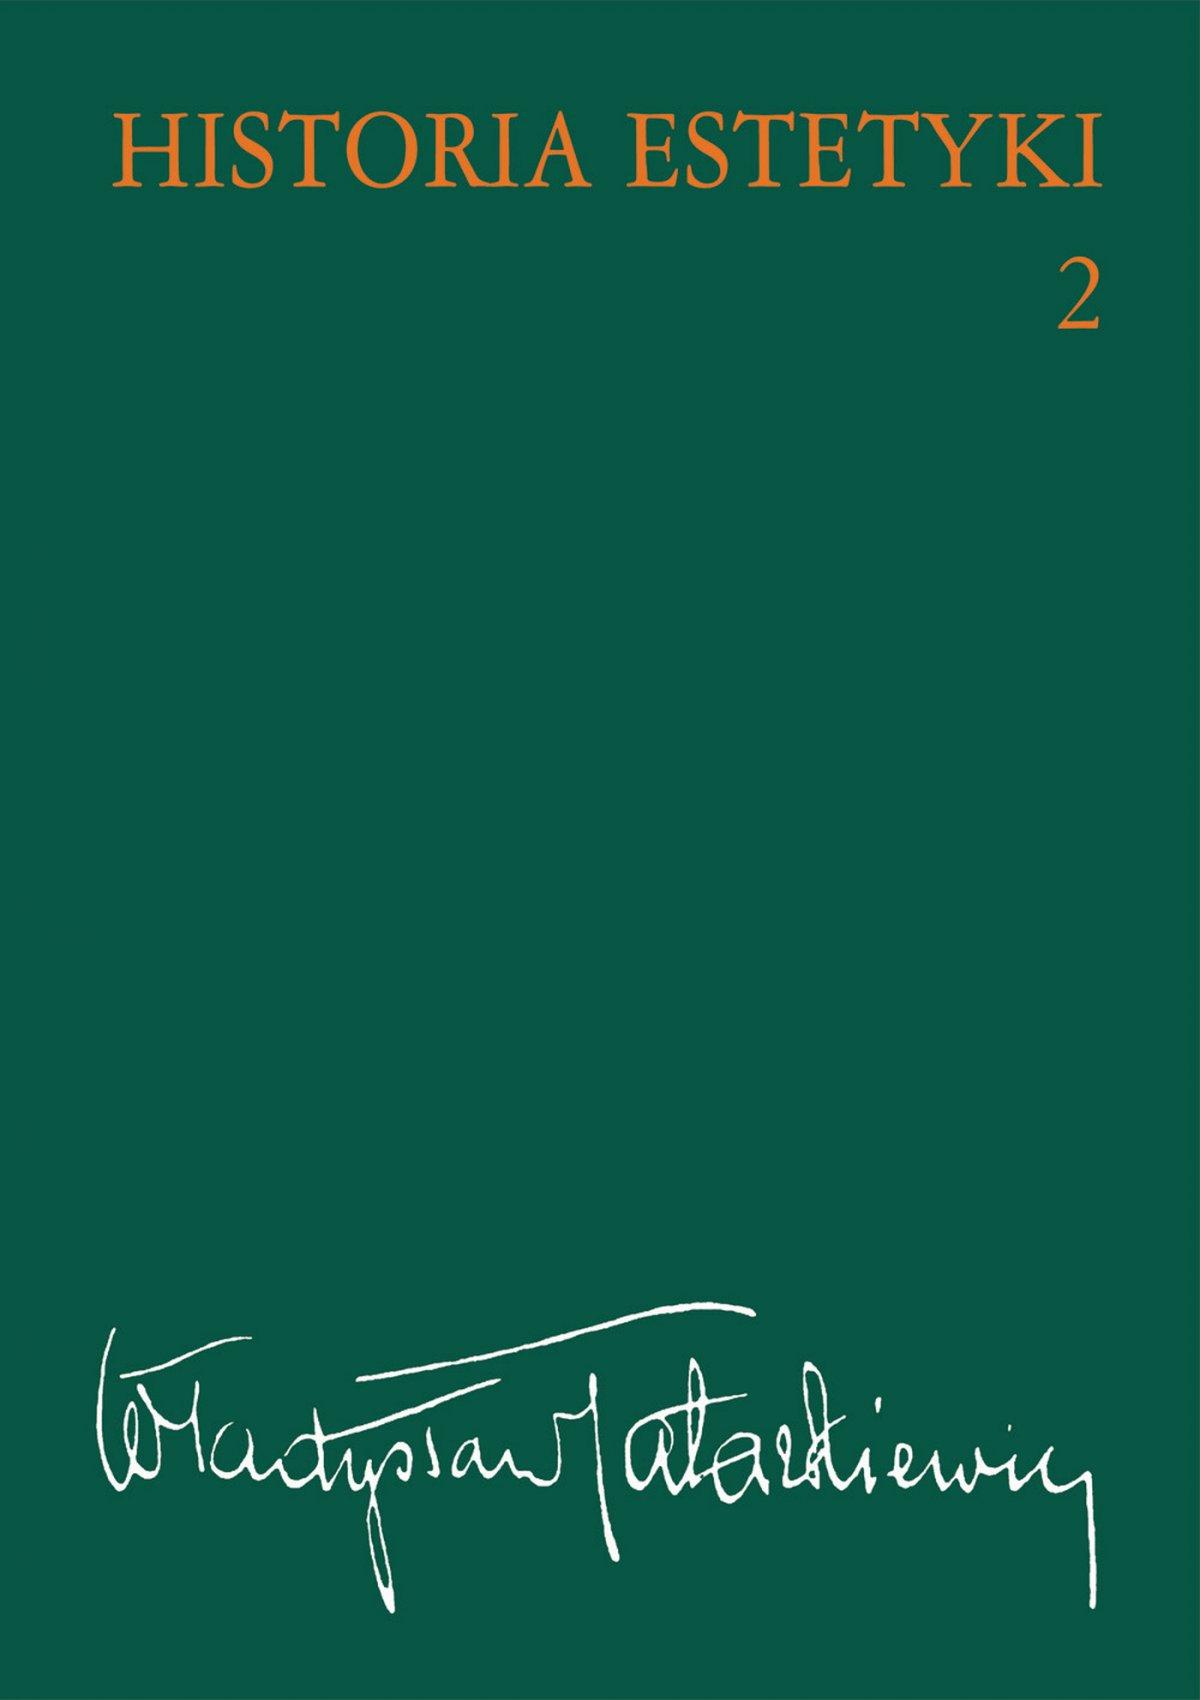 Historia estetyki. Tom 2 - Ebook (Książka na Kindle) do pobrania w formacie MOBI